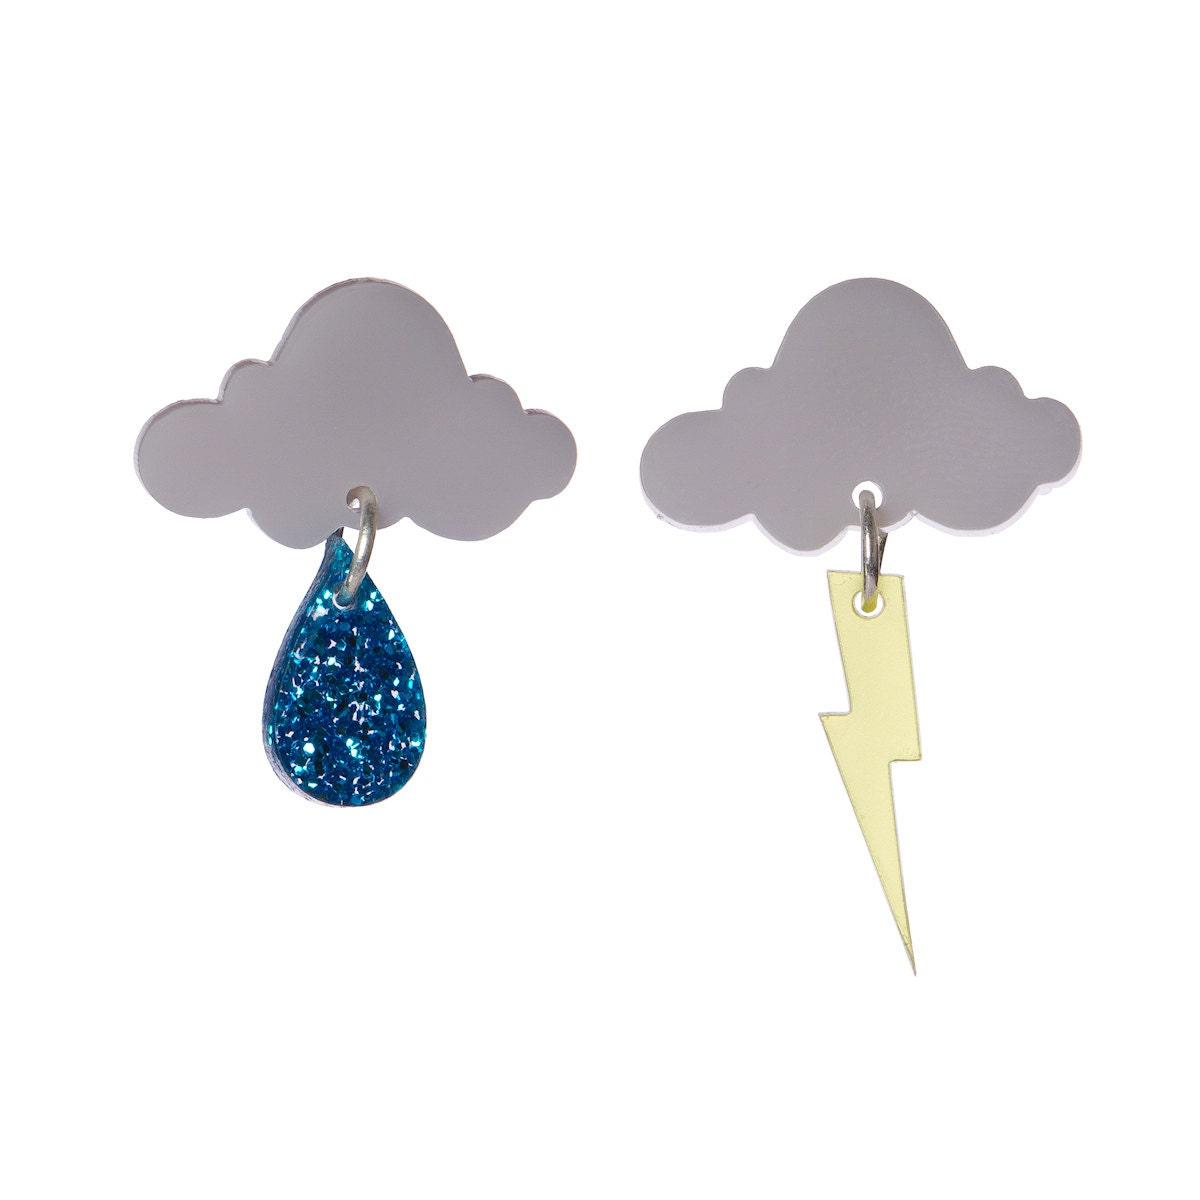 Cloud Earrings Laser Cut Acrylic